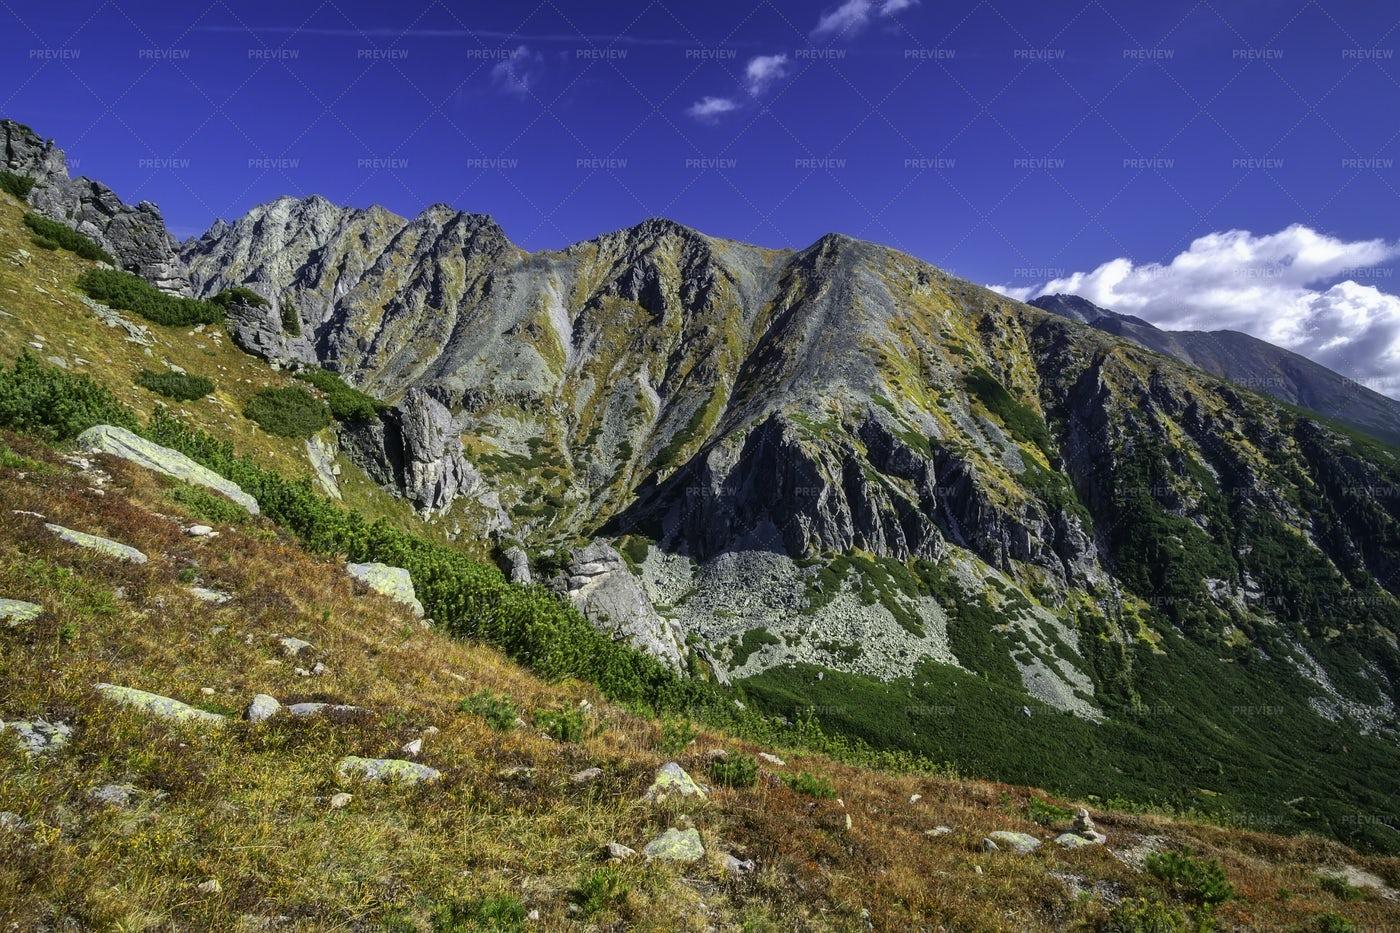 Autumn View Of Mountains: Stock Photos